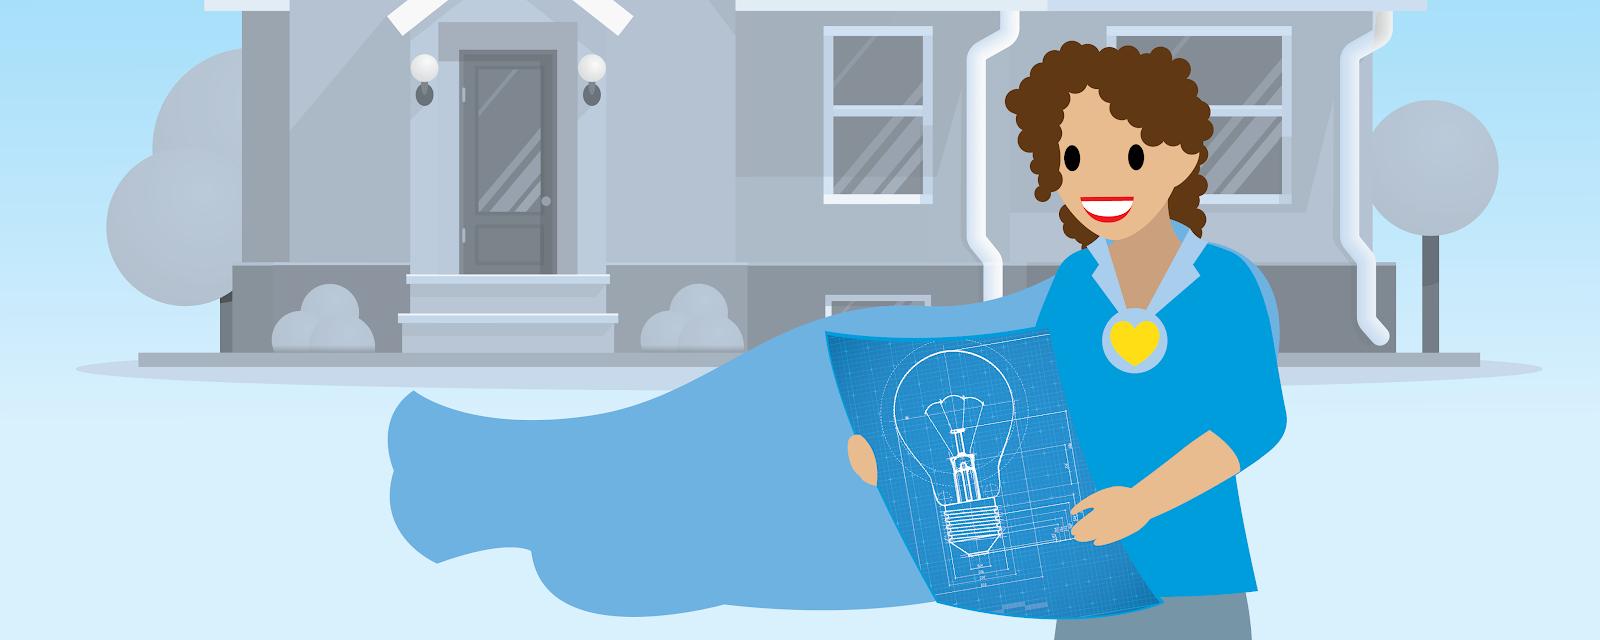 Illustration d'une femme portant une cape et regardant un plan avec une maison en arrière-plan.